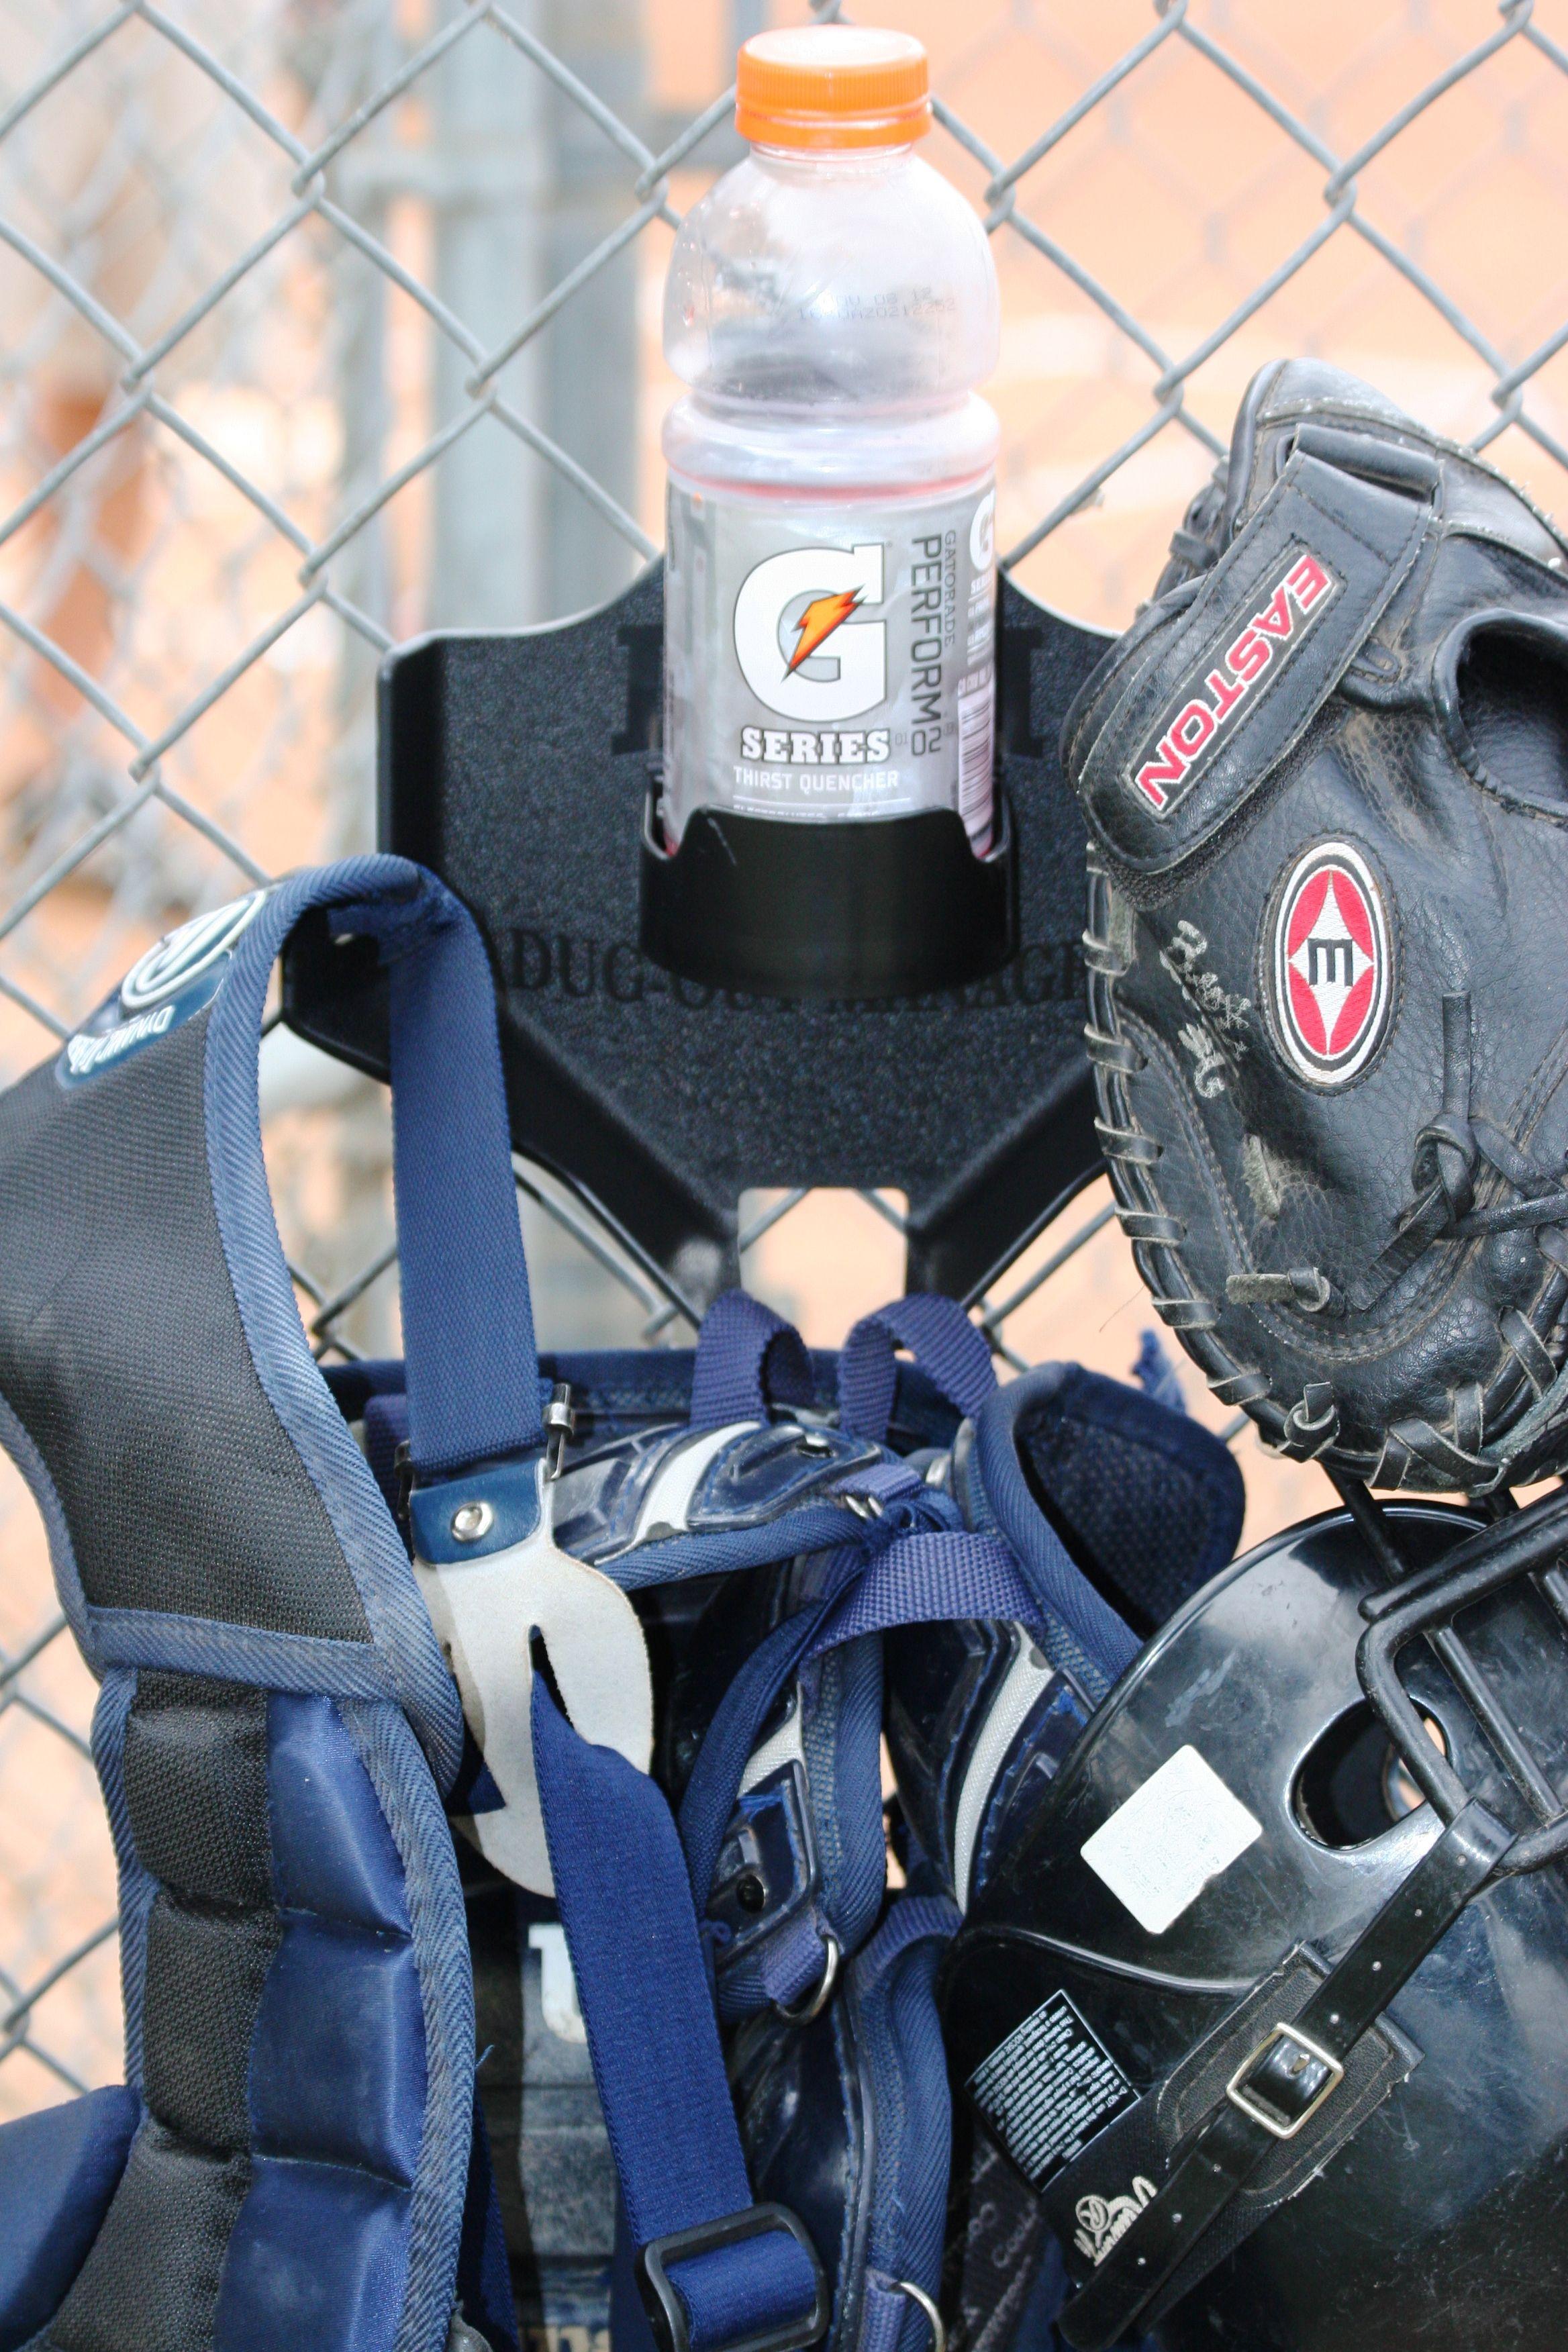 Baseball catchers gear baseball catchers gear set - Baseball Gear Catchers